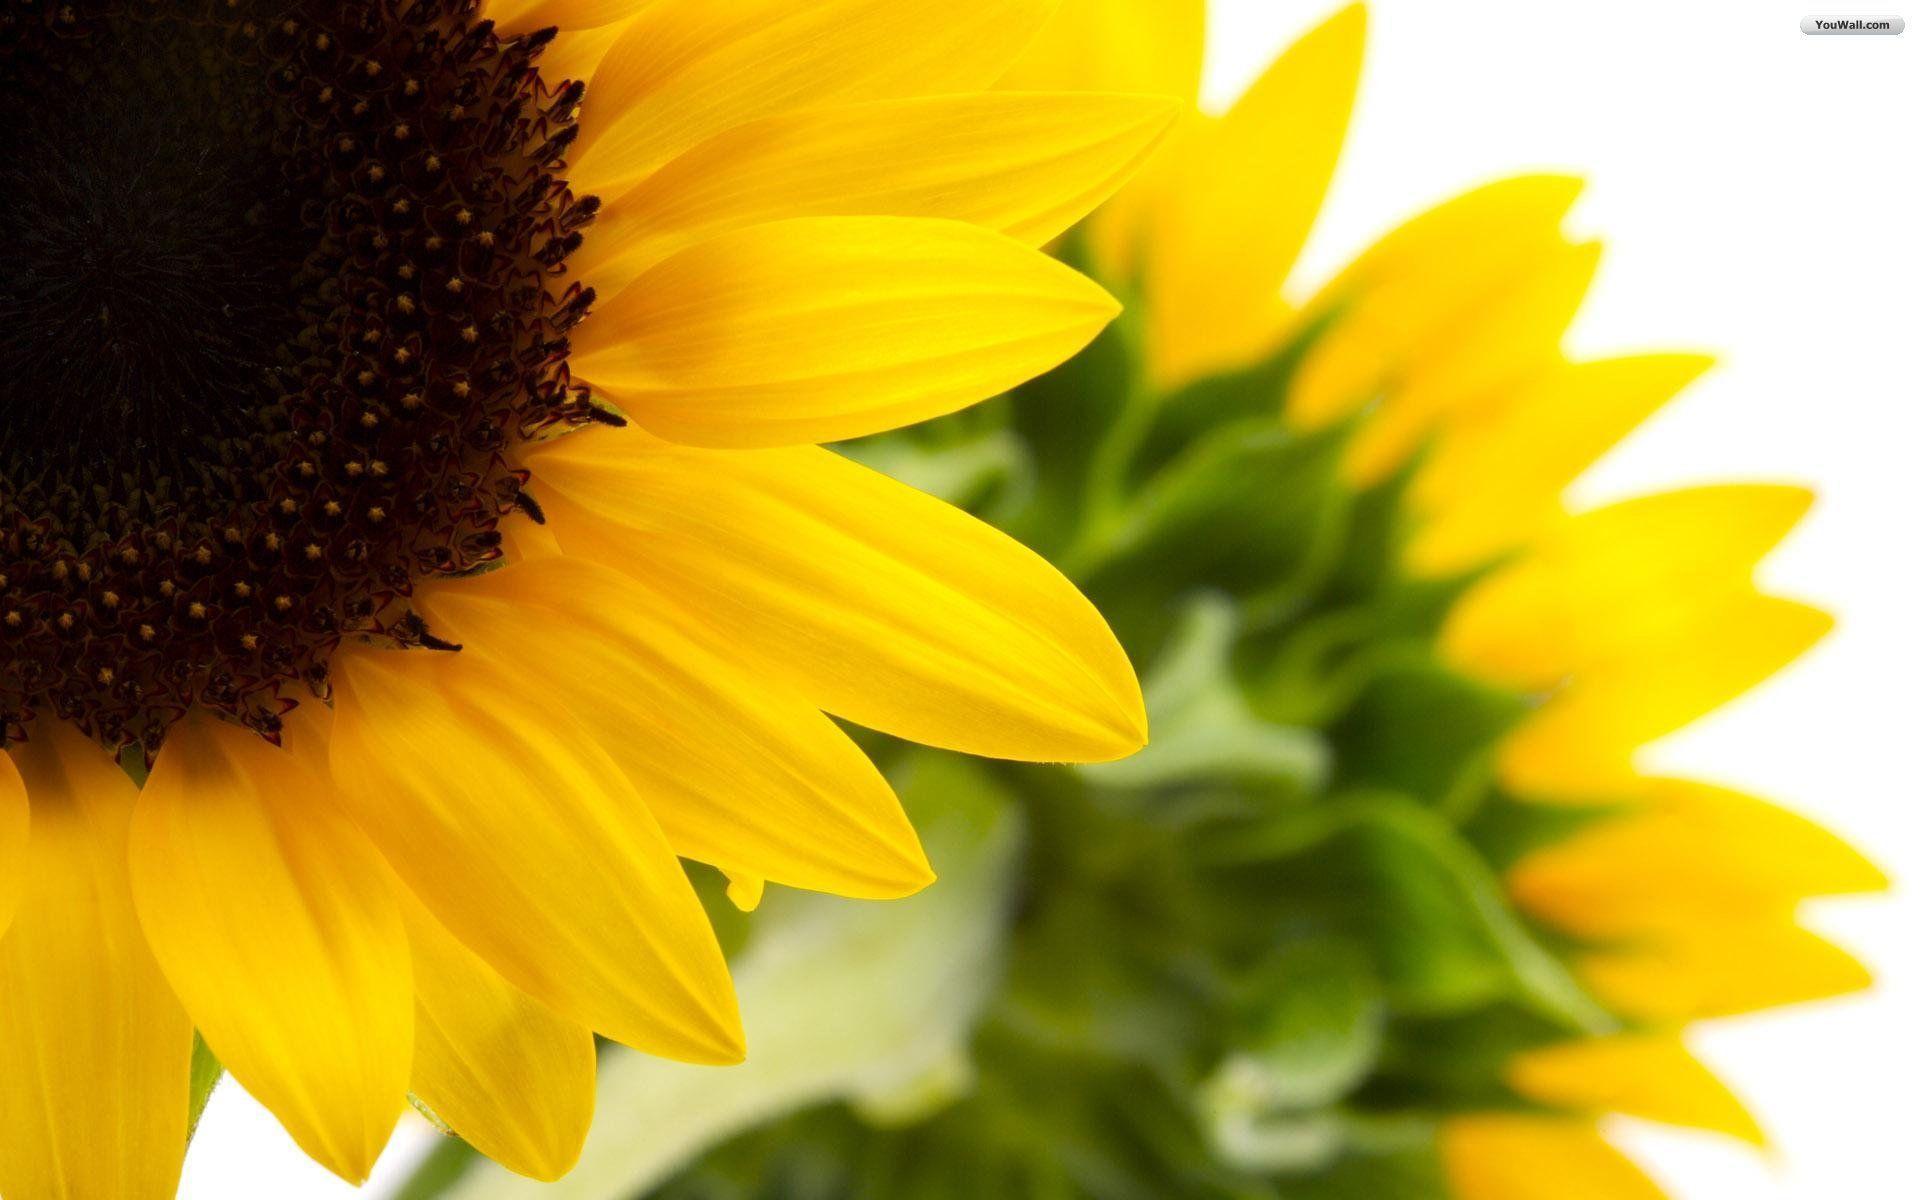 Sunflower Wallpapers Desktop - Wallpaper Cave